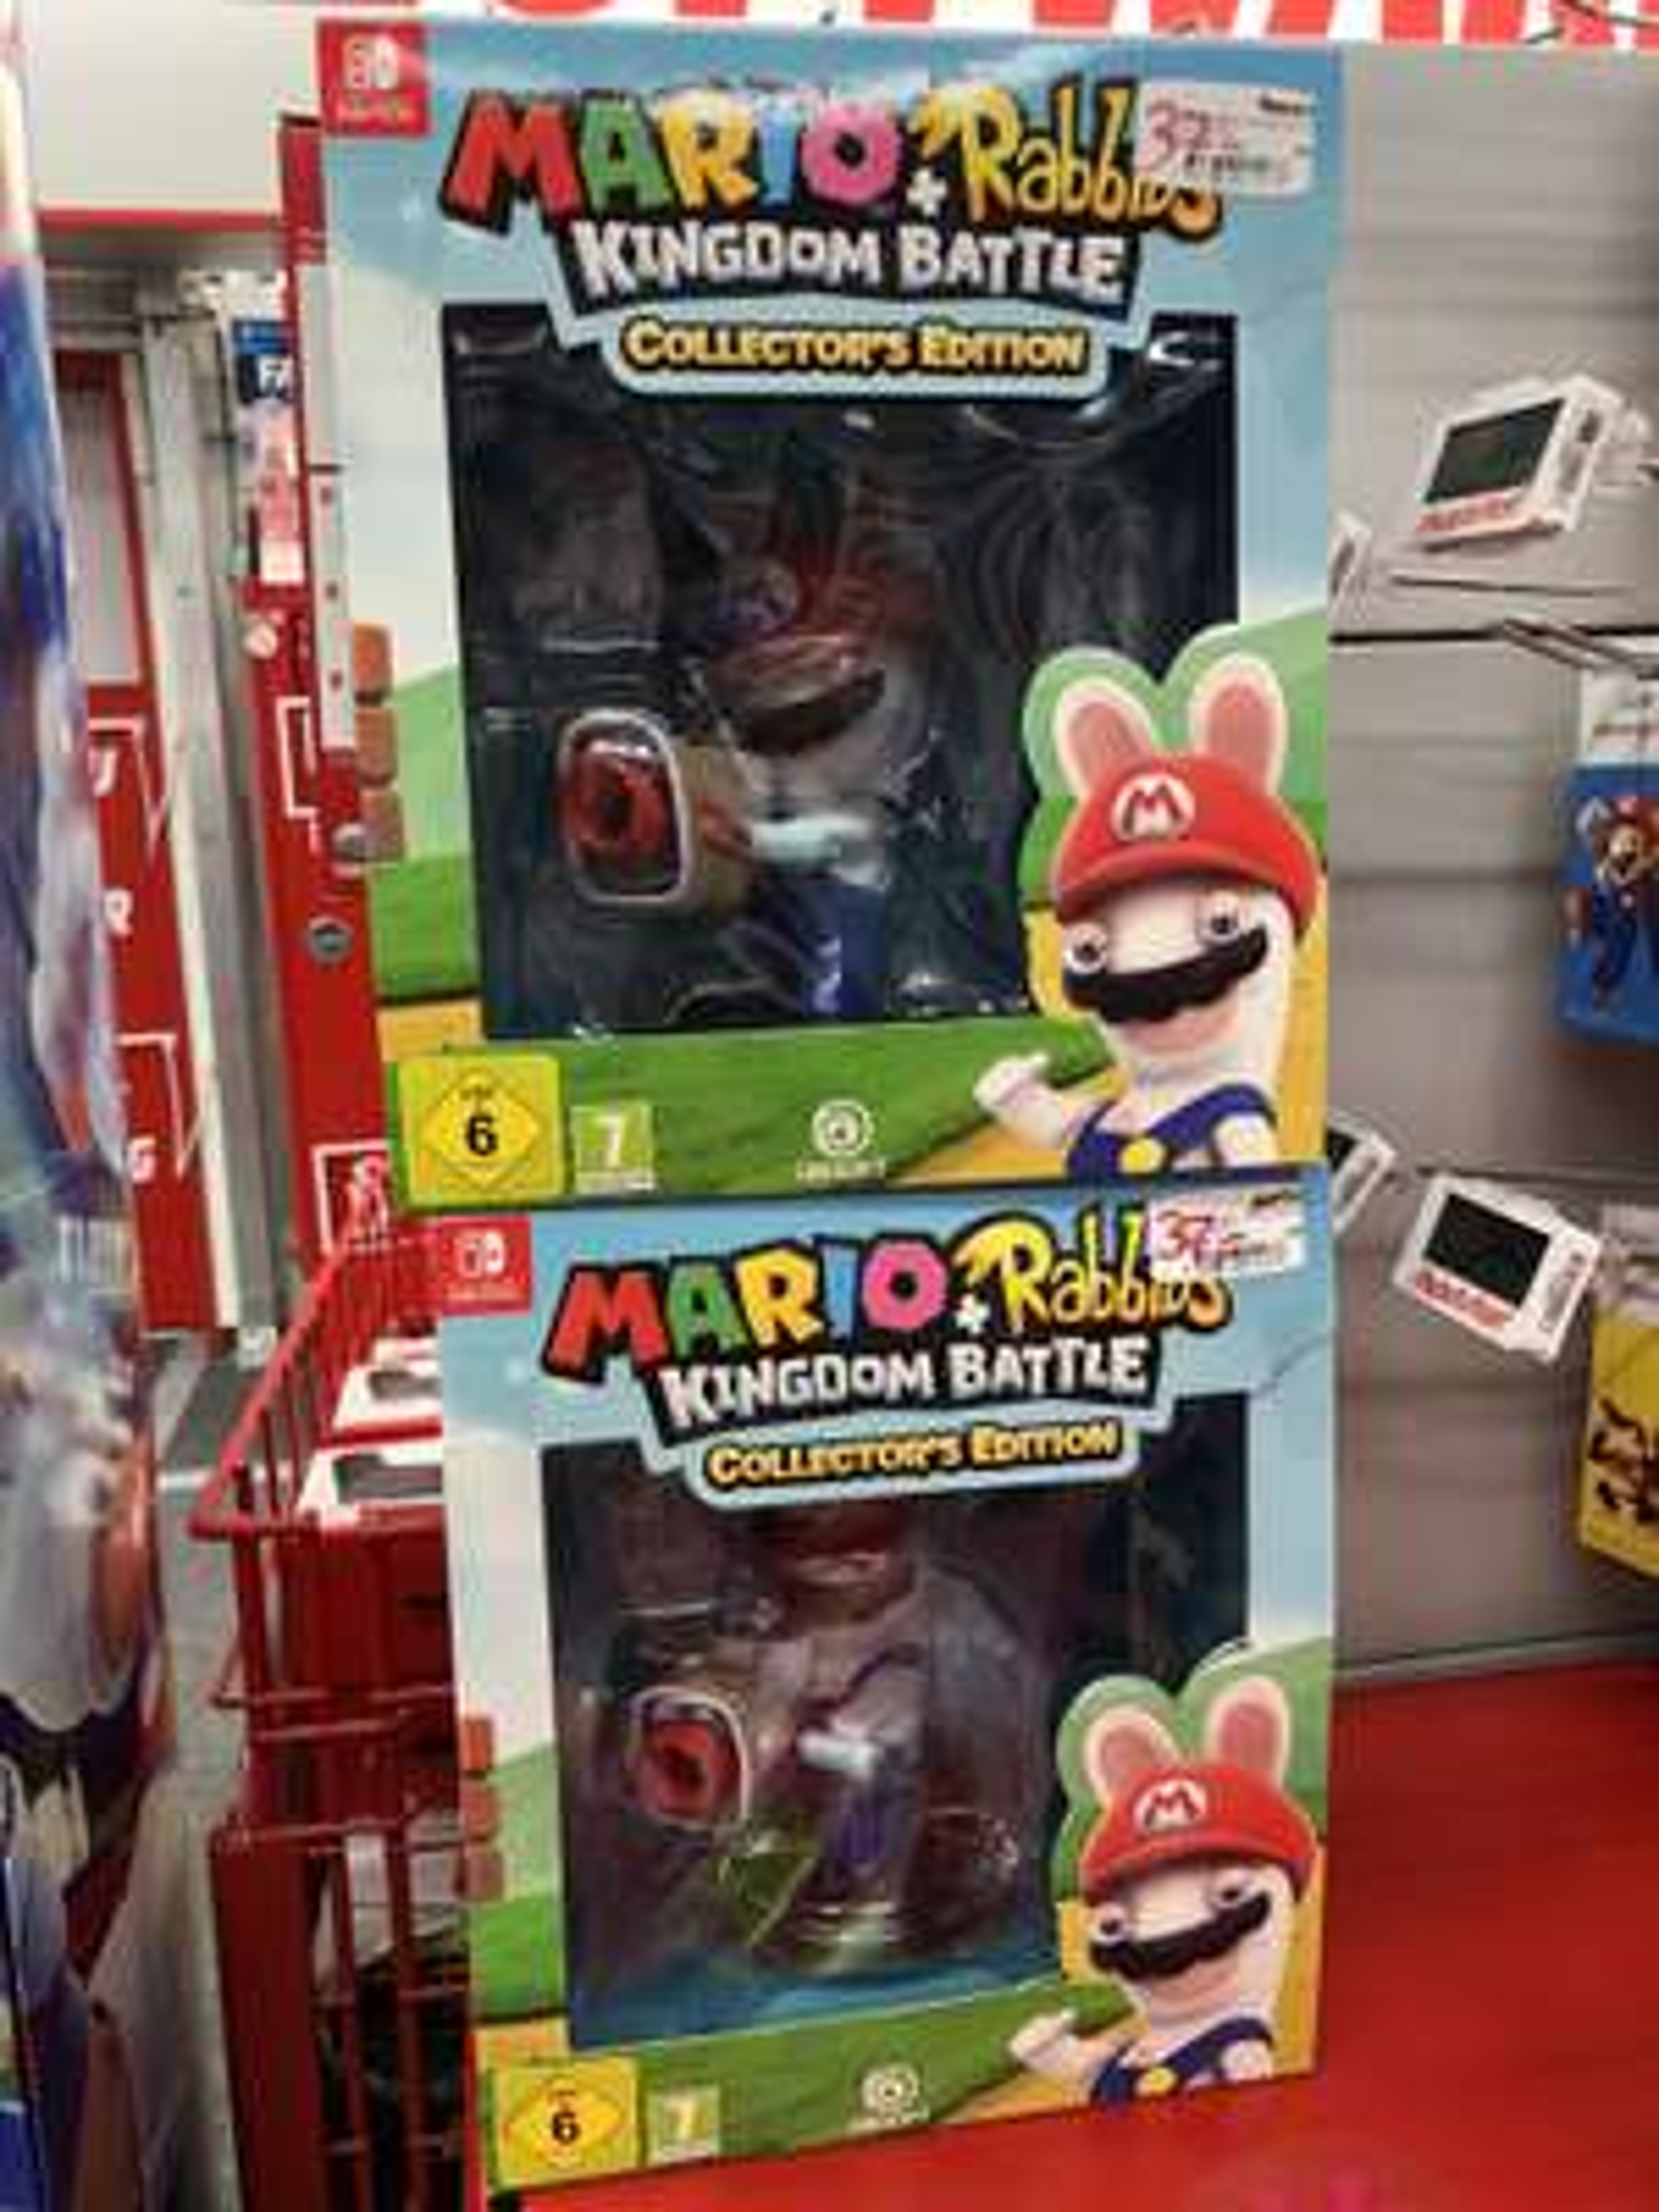 (Lokal MM Düsseldorf Bilk) Mario + Rabbids Kingdom Battle Collector's Edition - Nintendo Switch (leicht beschädigt)